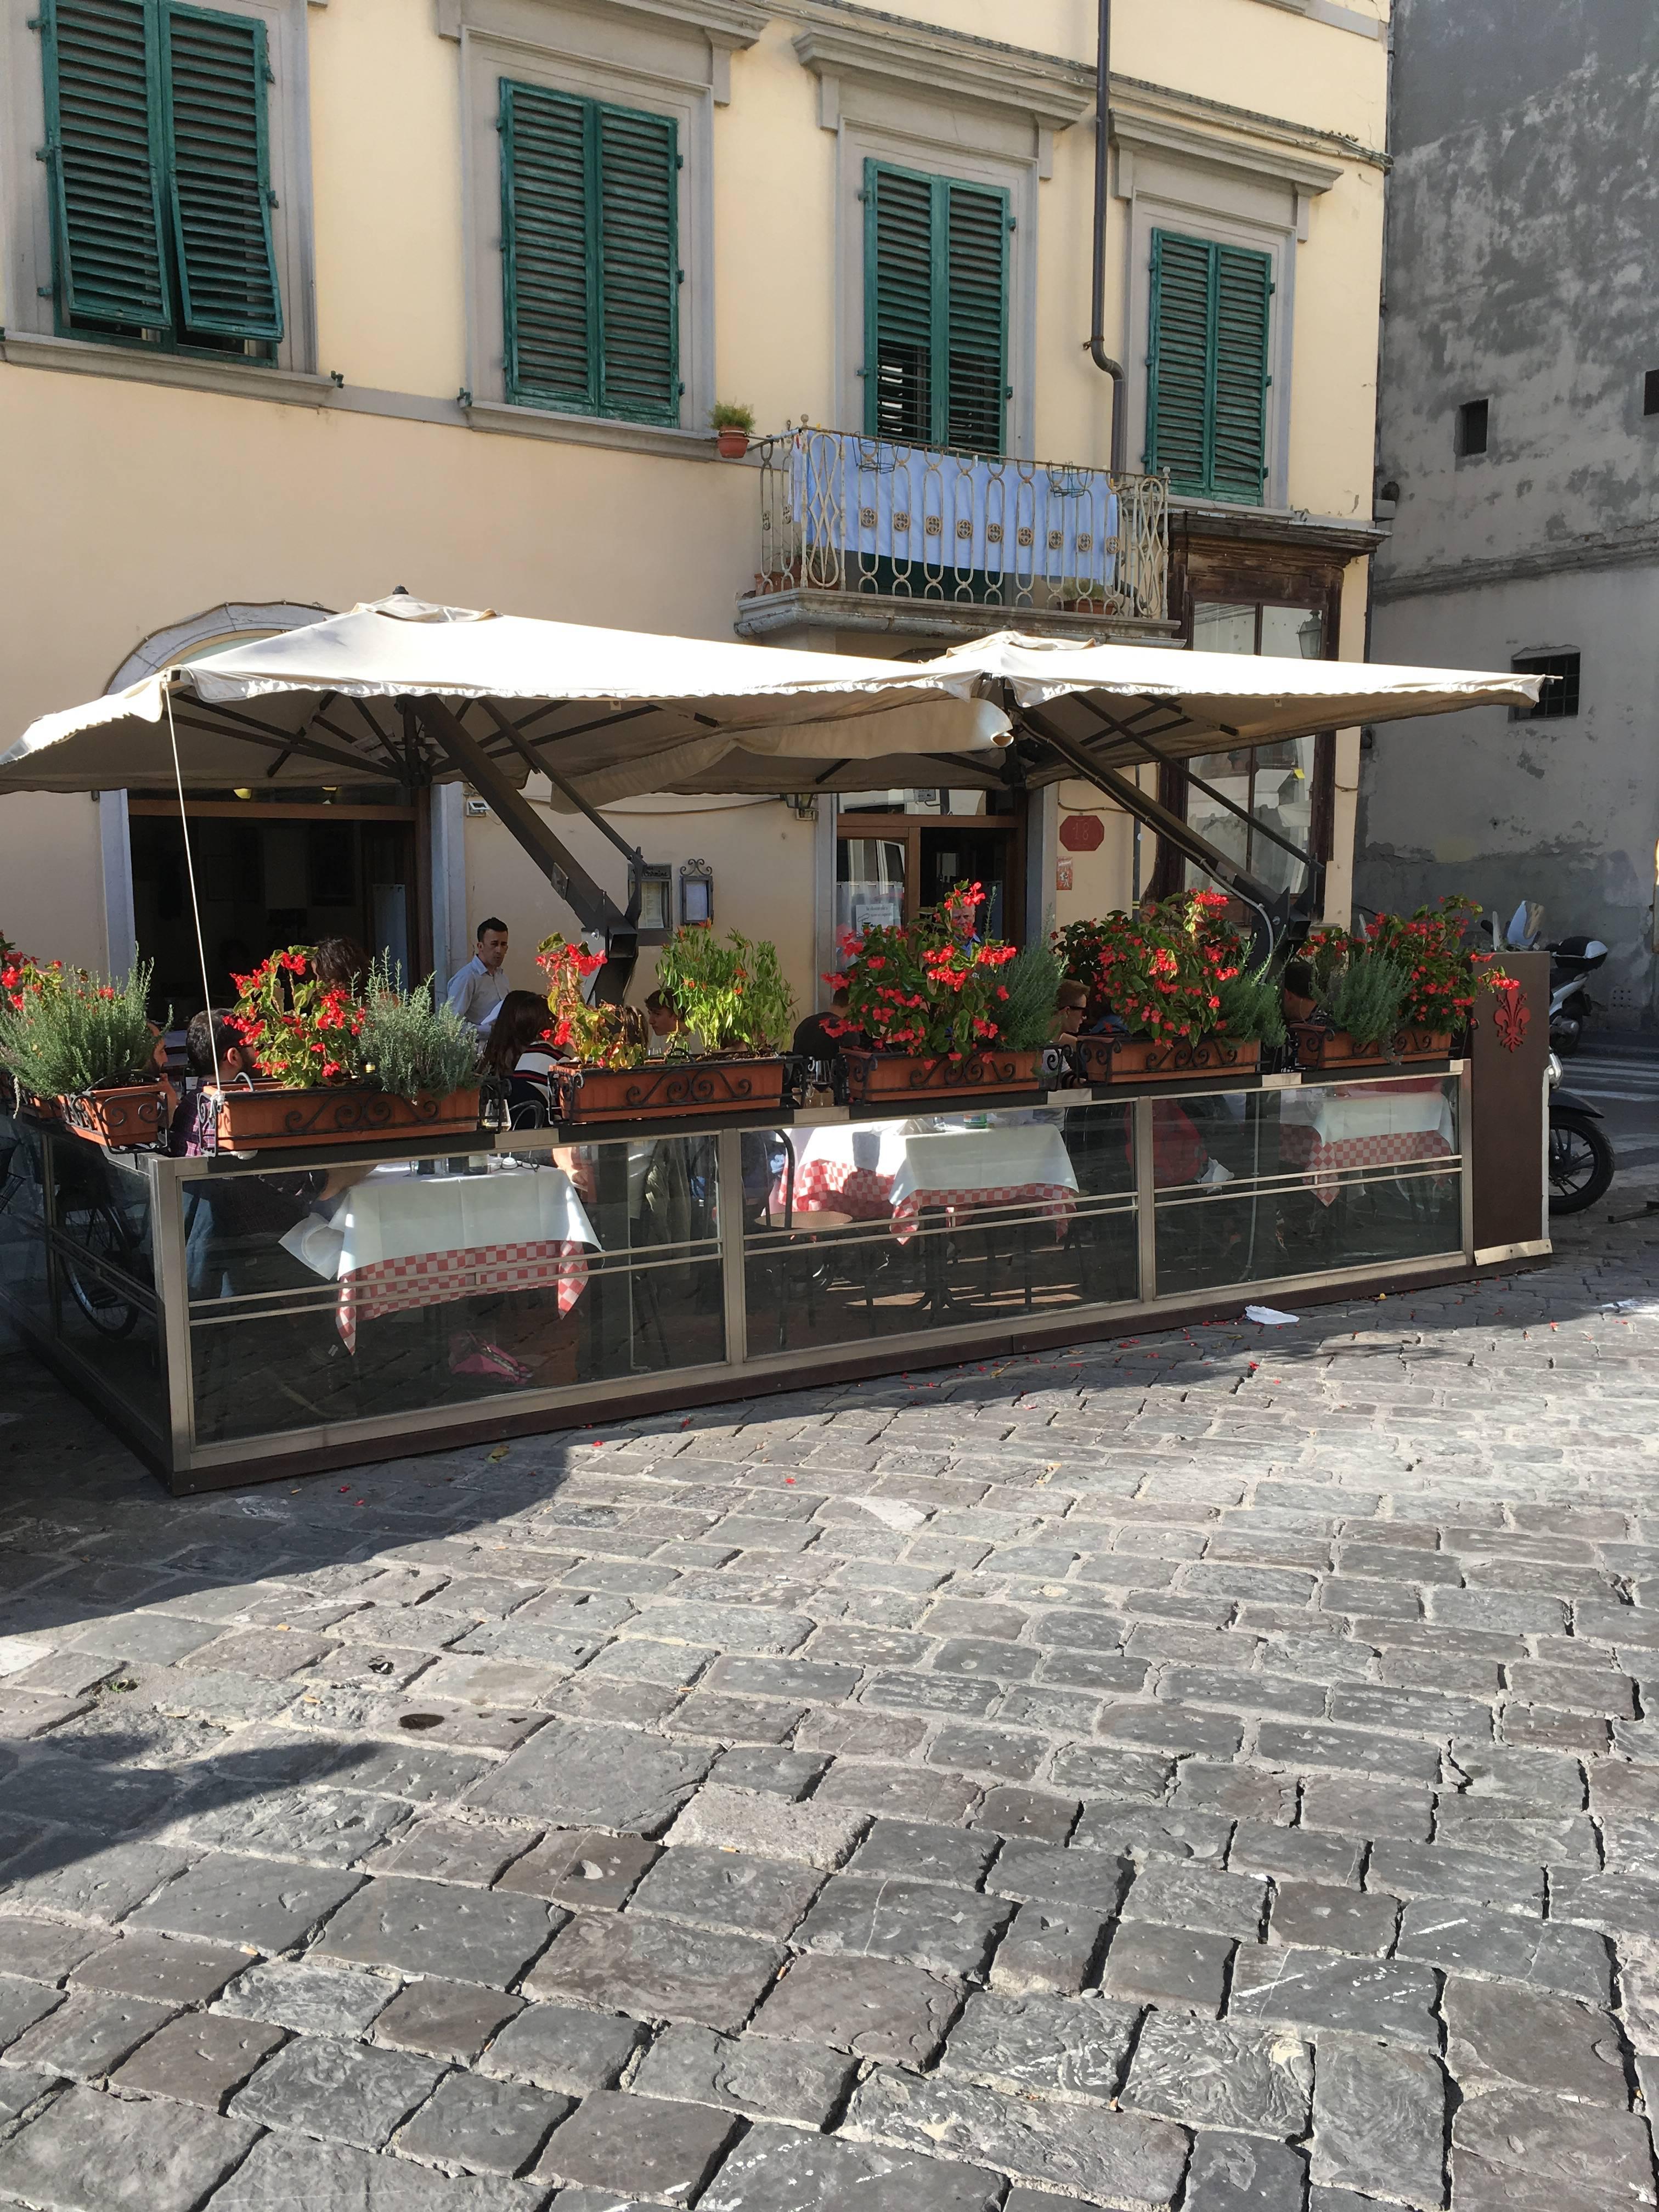 Photo 1: Trattoria del Carmine dans le quartier Santo Spirito a Florence